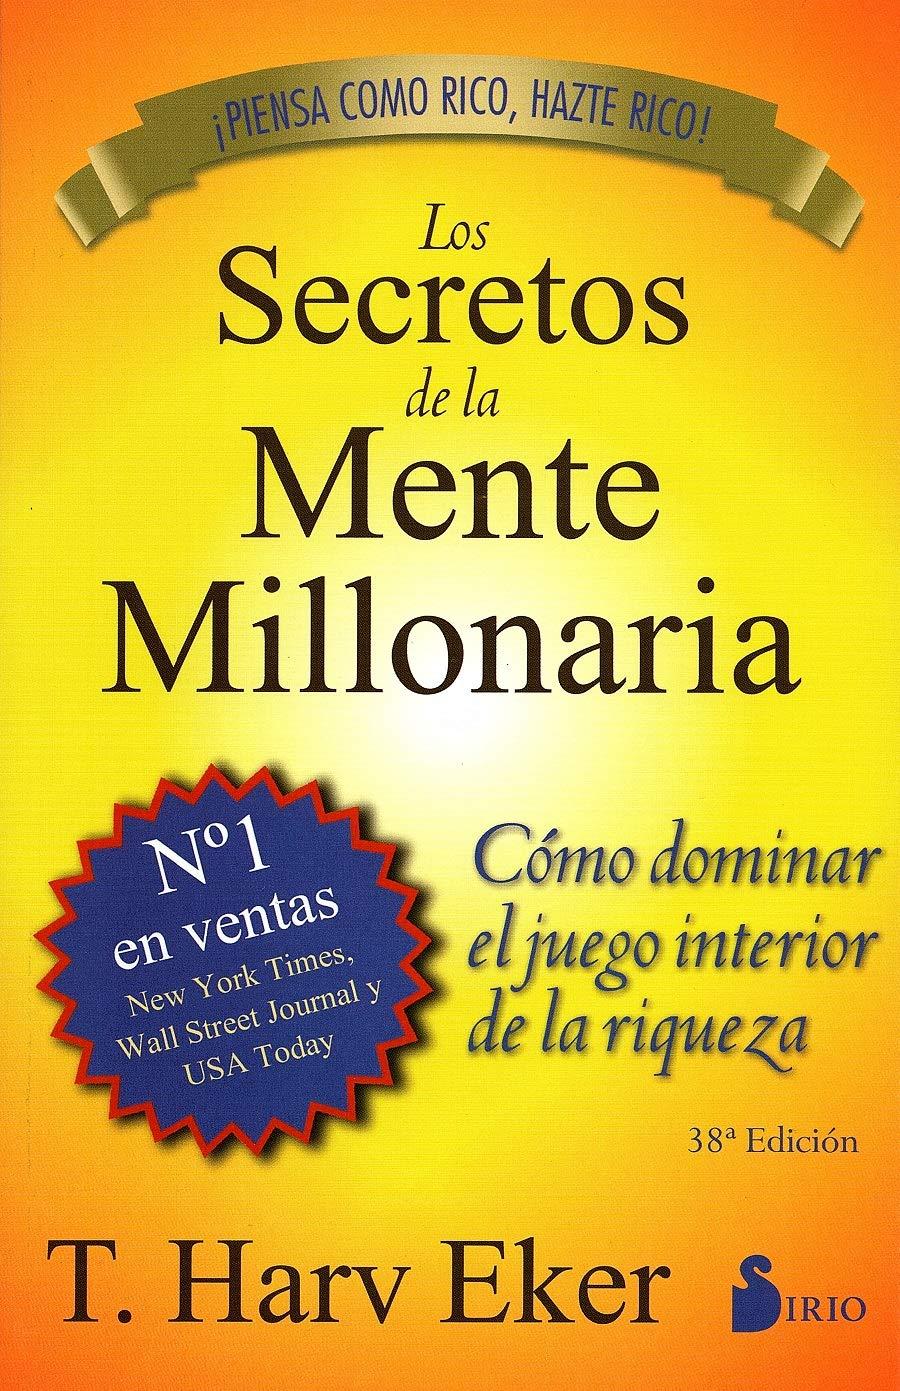 Los Secretos De La Mente Millonaria 2013 Spanish Edition Eker T Harv Renau Bahima Anna 9788478086085 Books